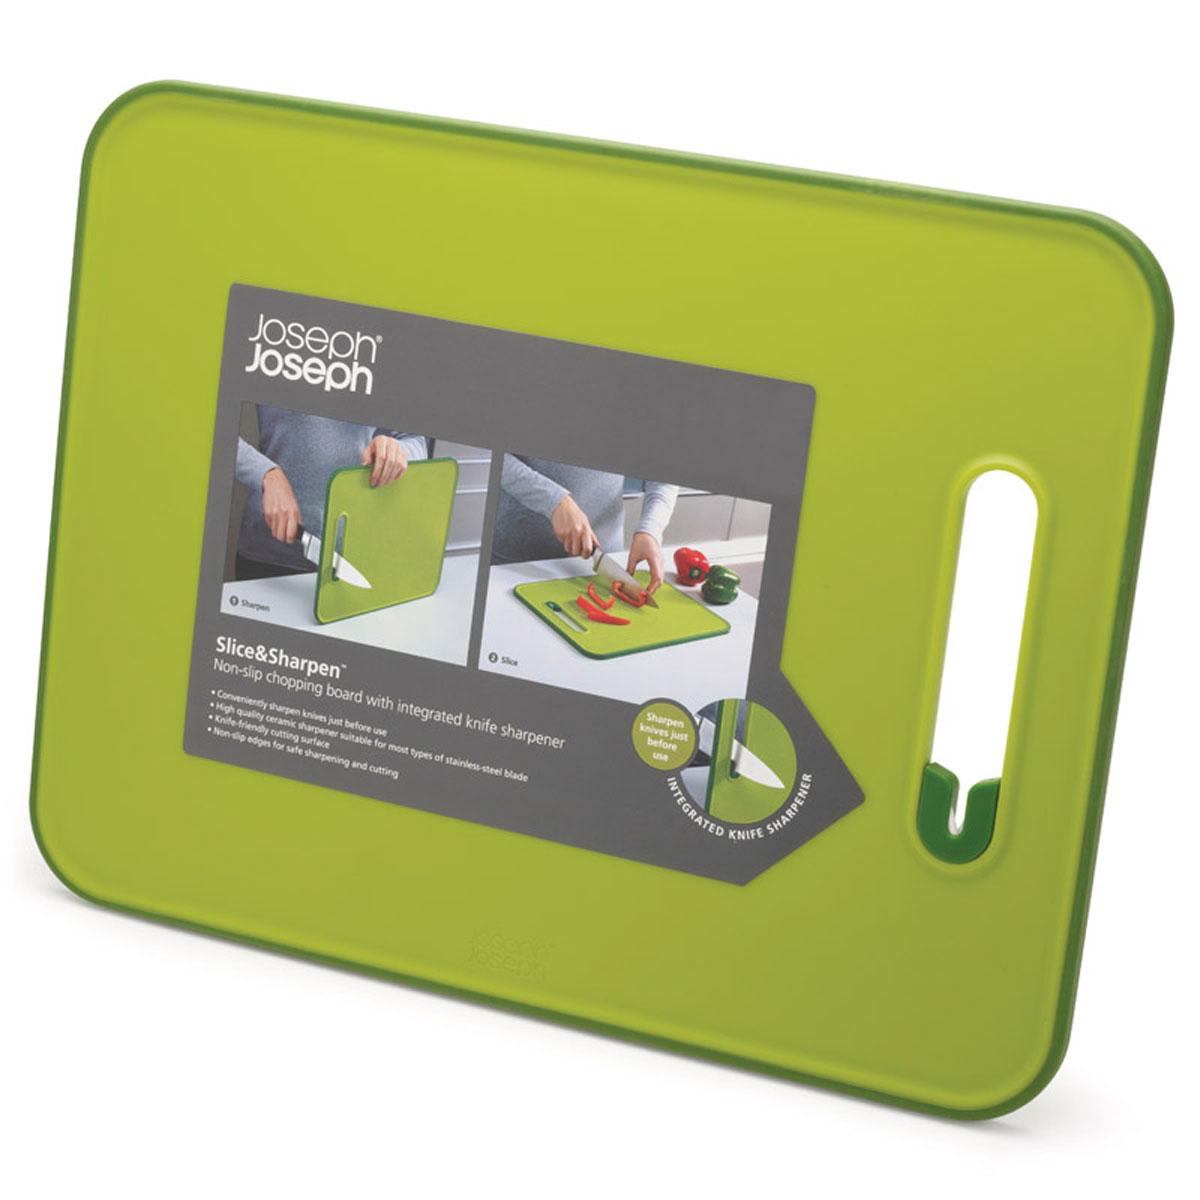 Доска разделочная Joseph Joseph Slice & Sharpen, с ножеточкой, цвет: зеленый, 29 х 22 х 1 см60047Доска разделочная Joseph Joseph Slice & Sharpen изготовлена из полипропилена, который защищает целостность ваших ножей и минимизирует его затупление. Доска оснащена керамической точилкой для лезвия, которая встроена прямо в рабочую поверхность. Для заточки поставьте доску на сухую плоскую поверхность, поместить лезвие ножа в прорезь и проведите несколько раз. Нескользящий прорезиненный край доски обеспечивает устойчивость, как при нарезке продуктов, так и при заточке лезвия. Можно мыть в посудомоечной машине. Размер доски: 29 см х 22 см х 1 см.